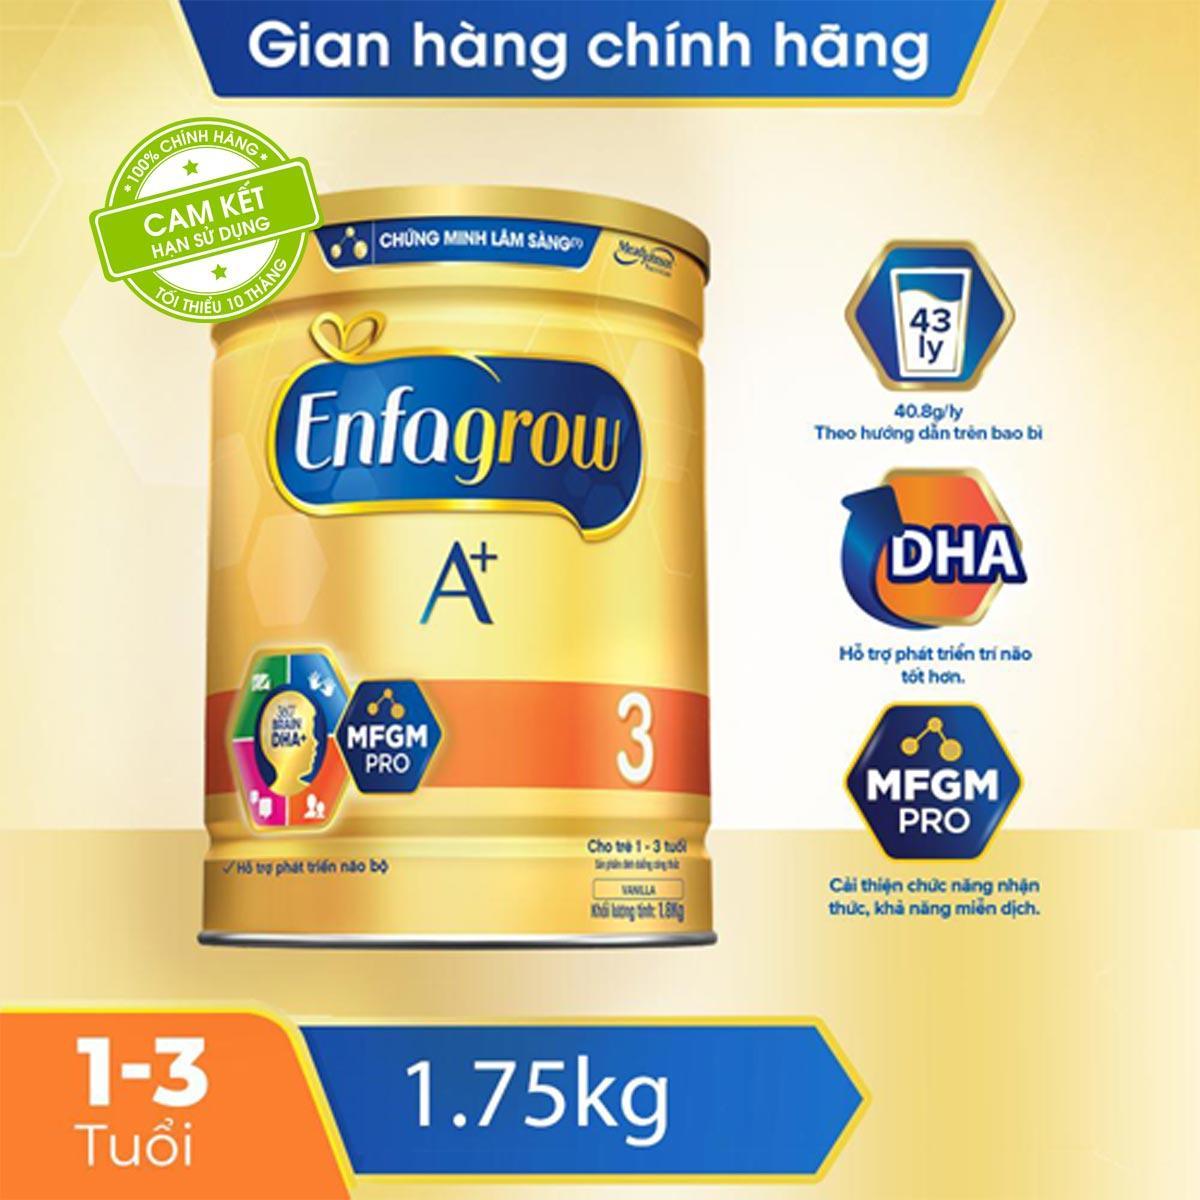 Coupon Ưu Đãi Sữa Bột Enfagrow A+ 3 Cho Trẻ Từ 1-3 Tuổi (1.75kg) - Cam Kết HSD Còn ít Nhất 10 Tháng